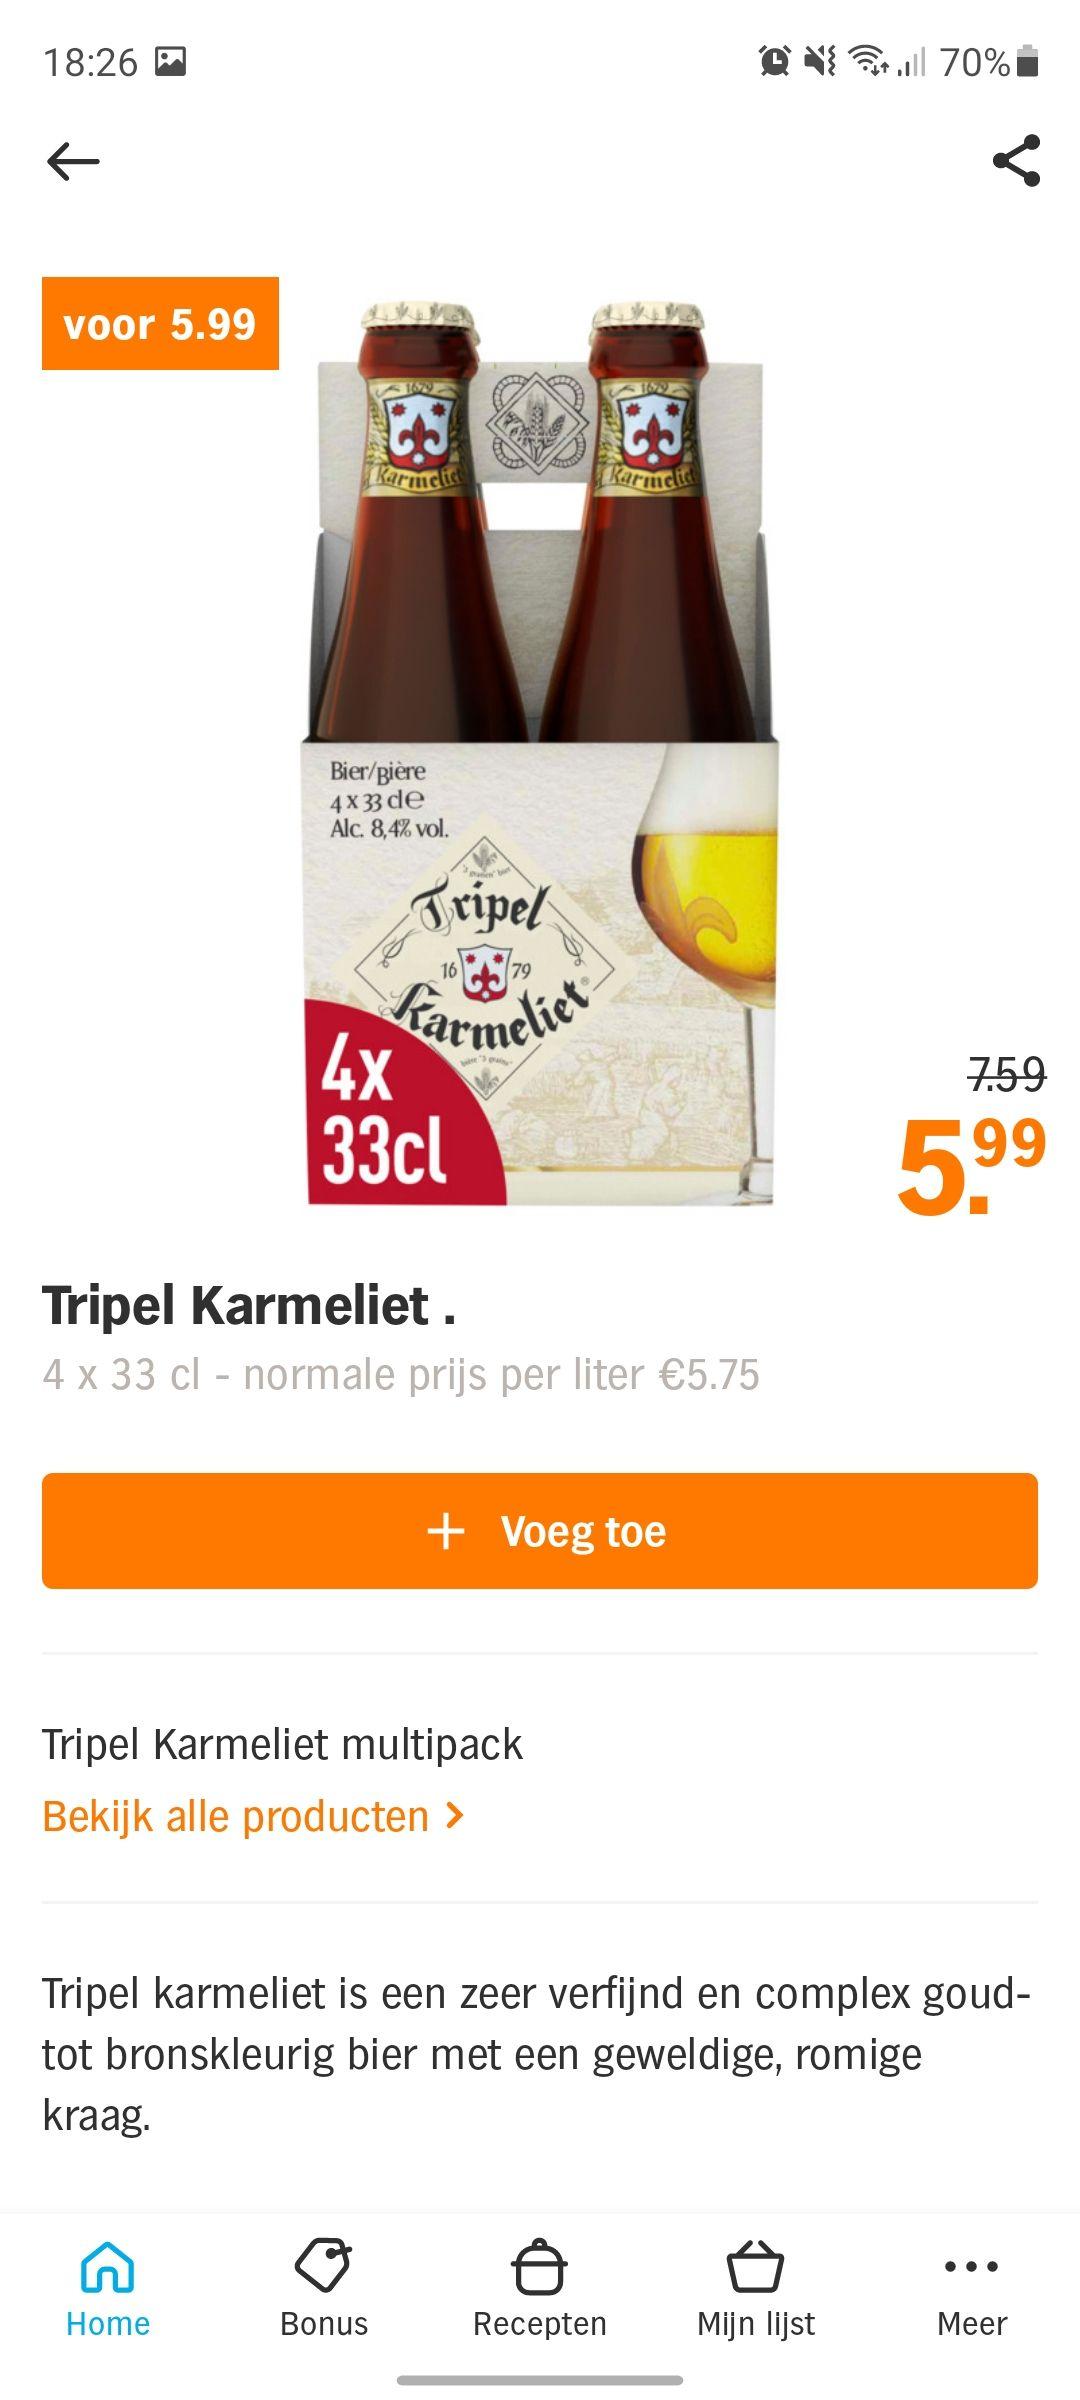 Karmeliet 4 voor €5.99